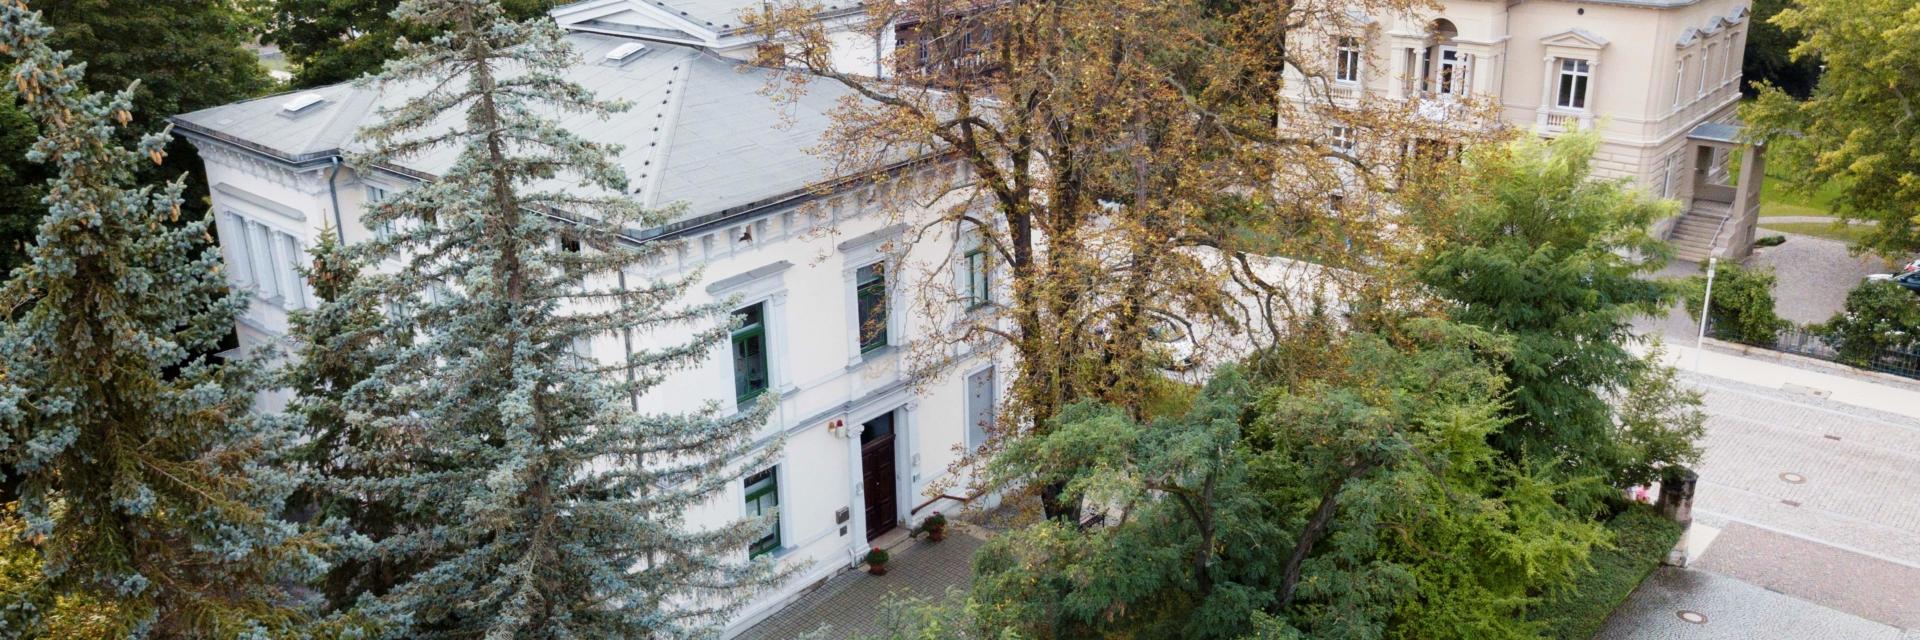 Luftansicht vom Kunsthaus Apolda von Bäumen umgeben